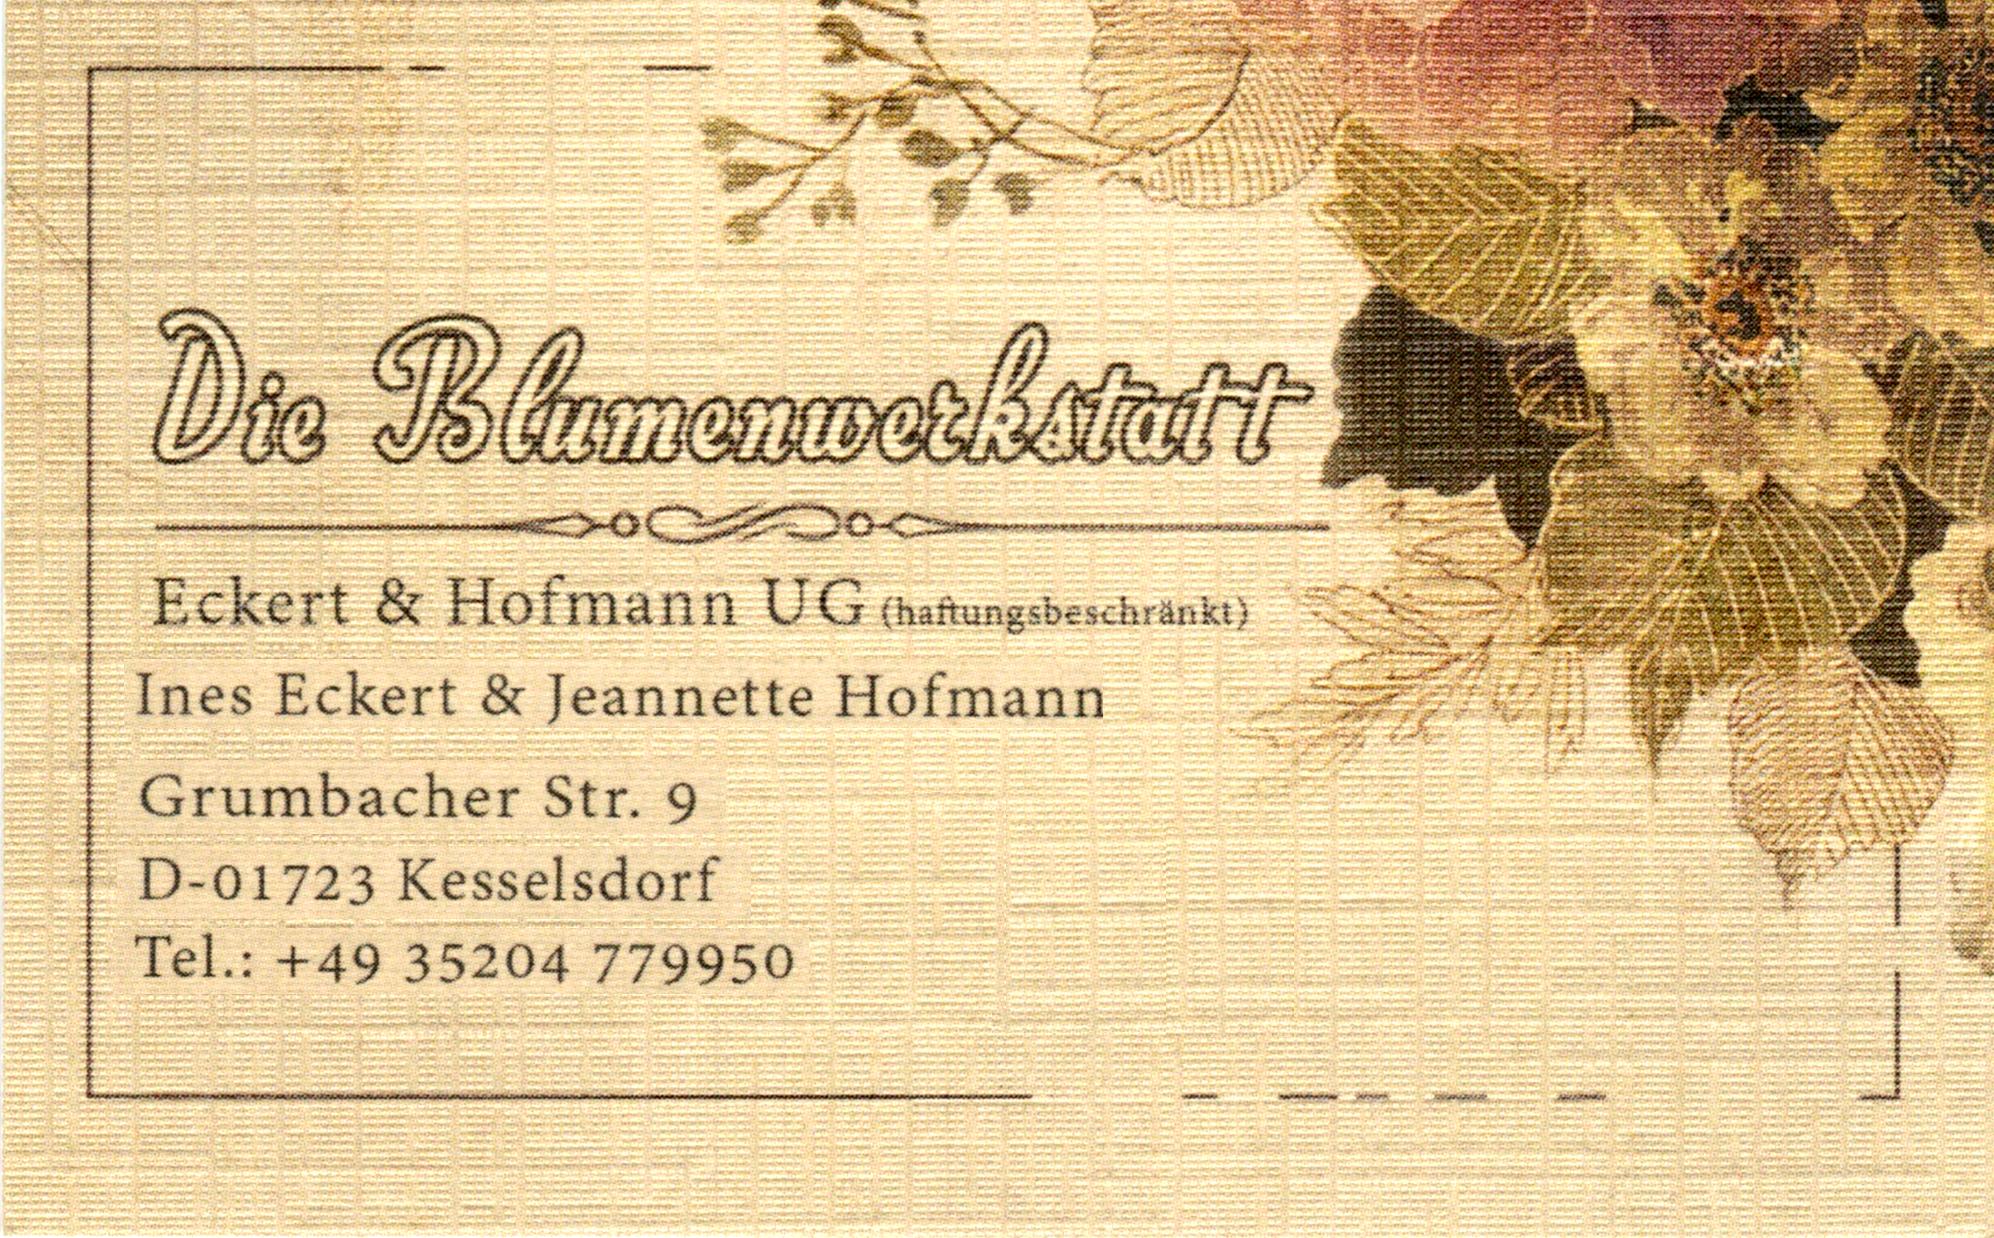 20-Blumenwerkstatt.EckhartHofmann